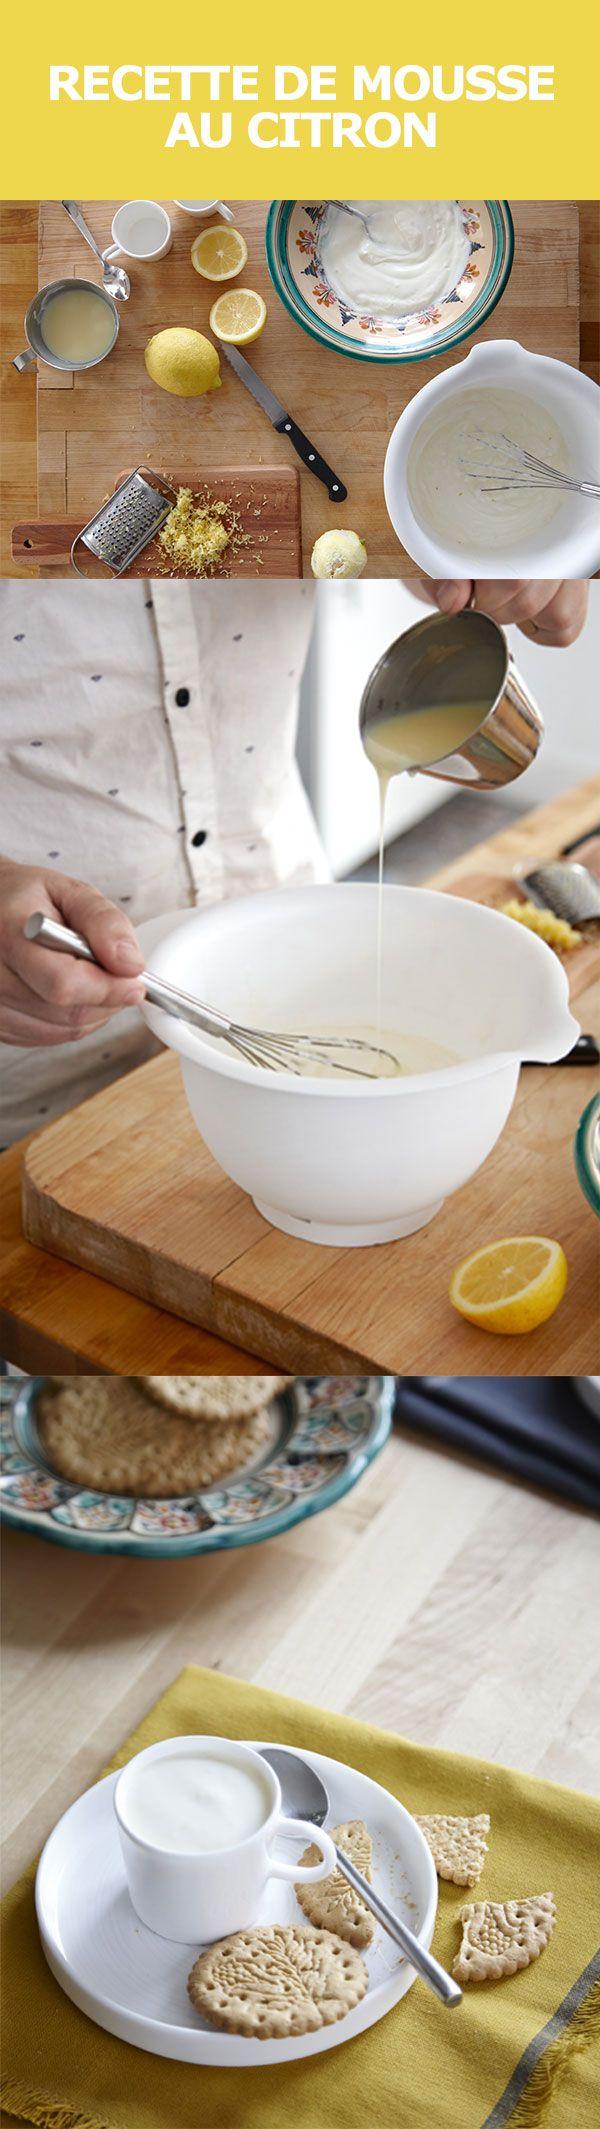 Légère, fruitée et facile à préparer en un rien de temps, cette délicieuse mousse au citron est le dessert idéal des tables ensoleillées. Quelques ingrédients, et ça y est : yogourt, citrons, lait concentré et quelques biscuits, pour faire trempette. Cliquez ce lien pour découvrir la recette.